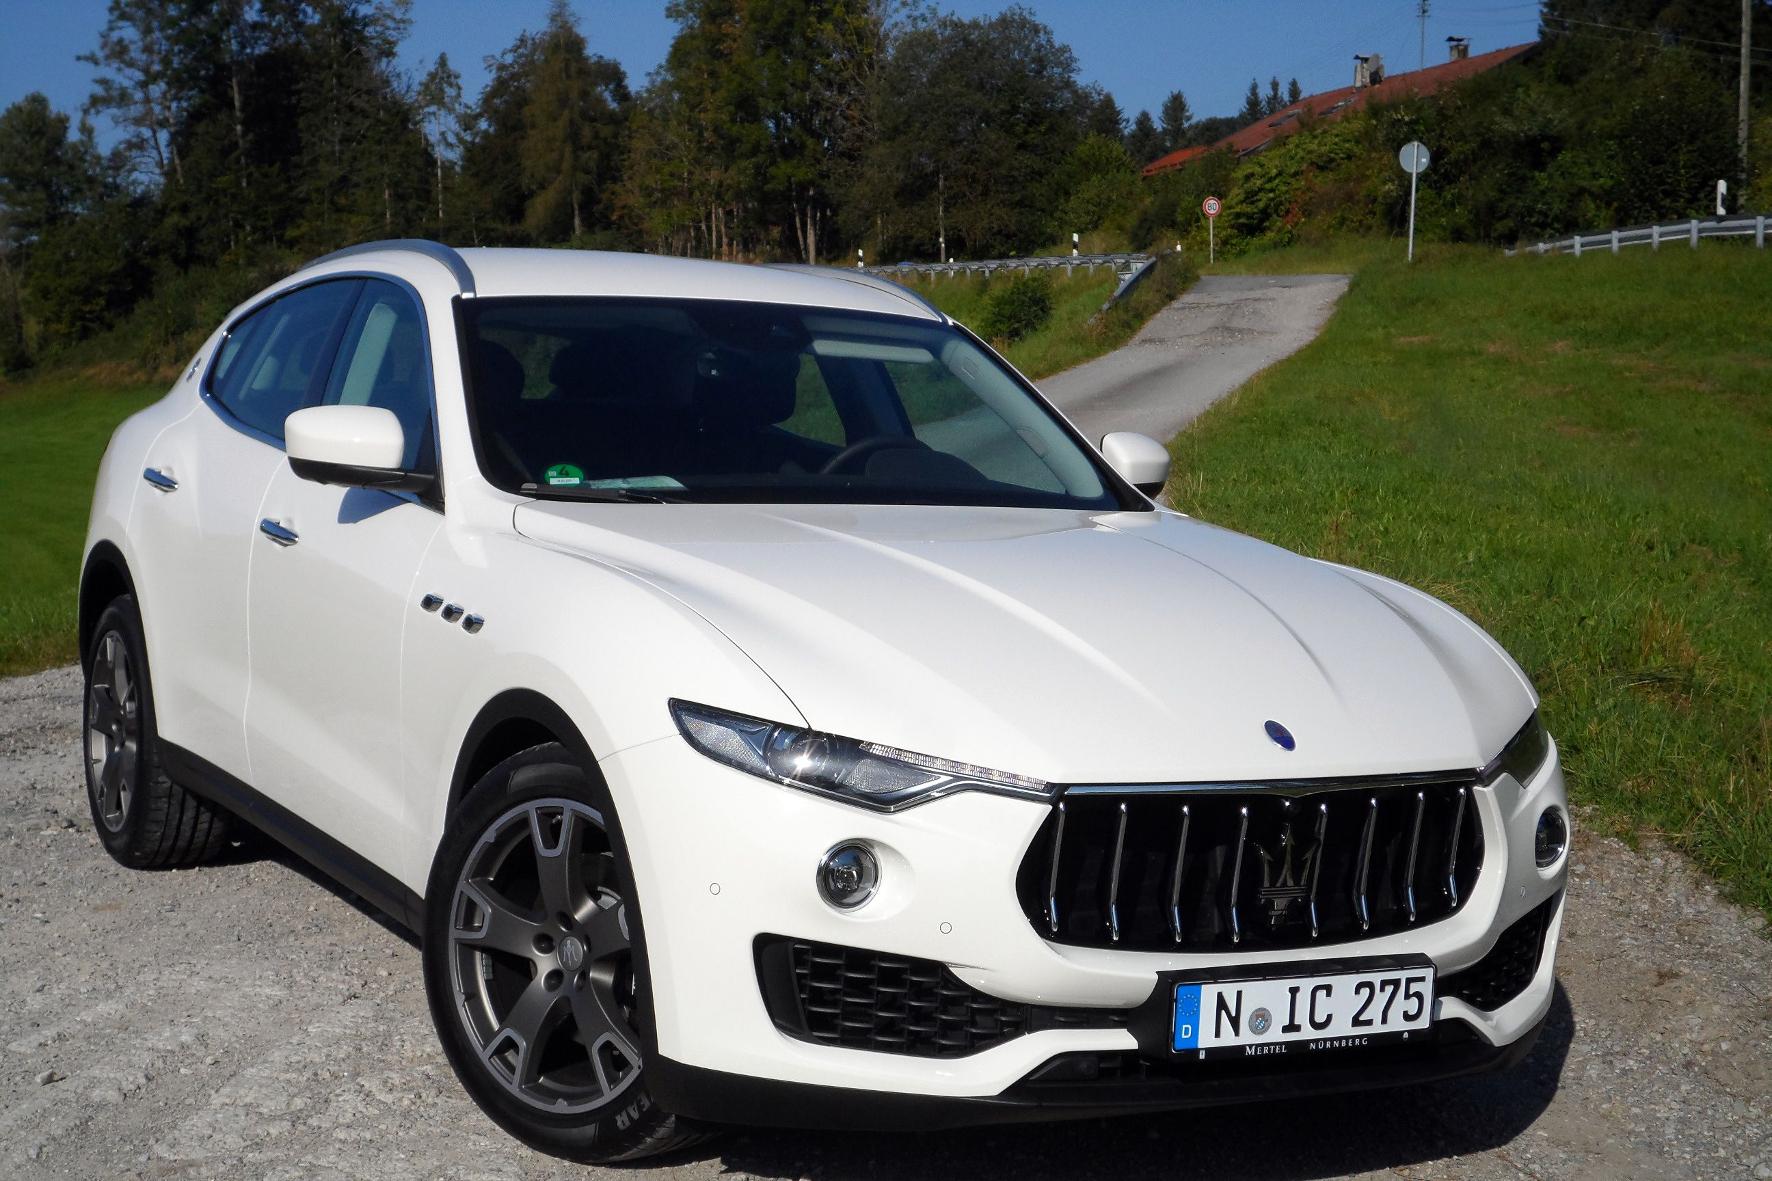 mid Tegernsee - Der Maserati Levante ist ein stattliches Exemplar der Gattung SUV: Er bringt es von der Stoßstange bis zu den Auspuff-Endrohren auf extakt 5.003 Millimeter Länge.